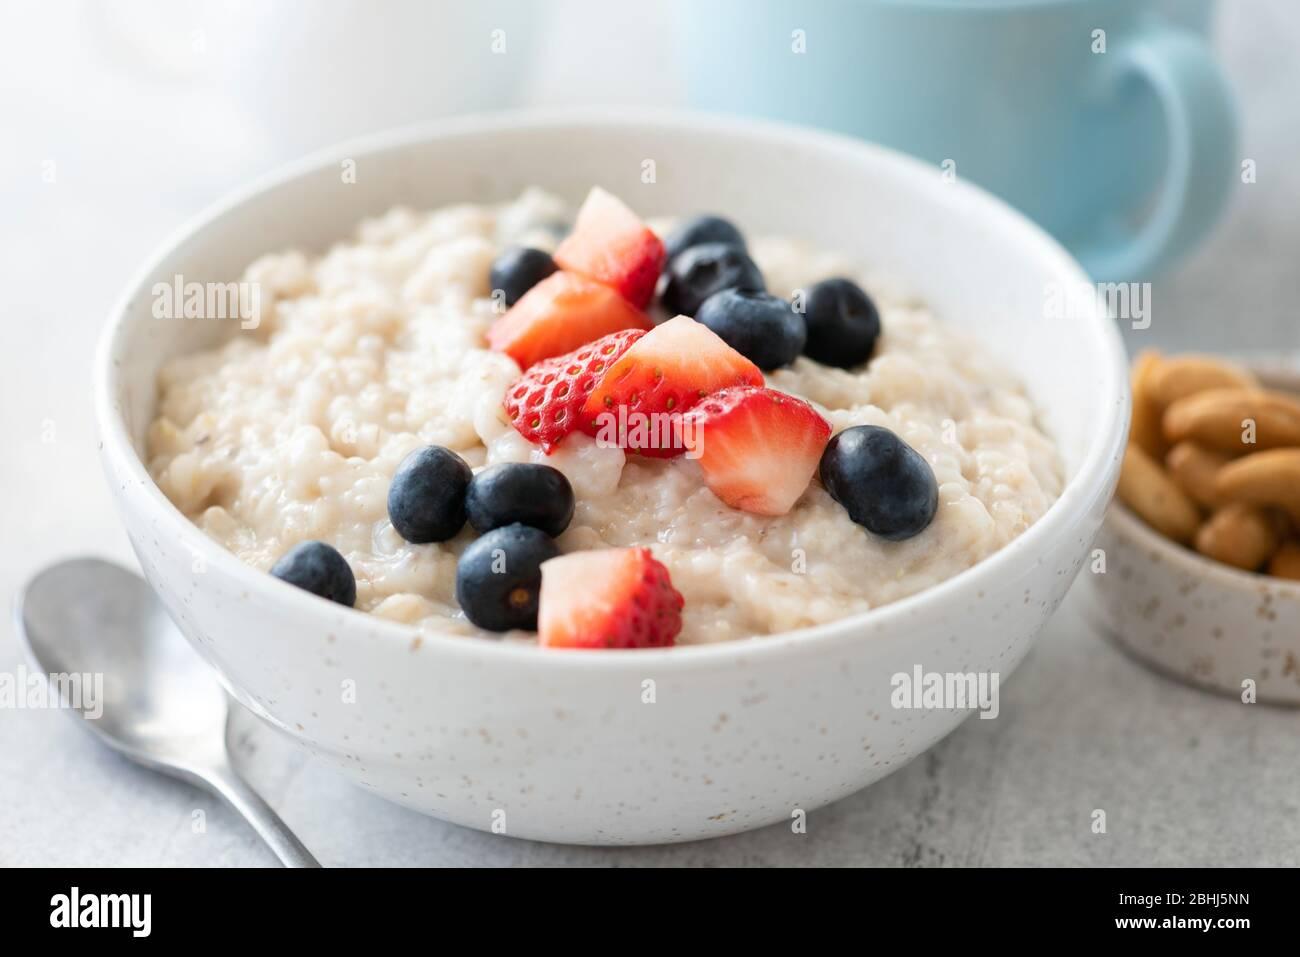 Prima colazione porridge farinata d'avena con fragola, mirtillo in ciotola bianca, vista Closeup di pasto sano prima colazione Foto Stock